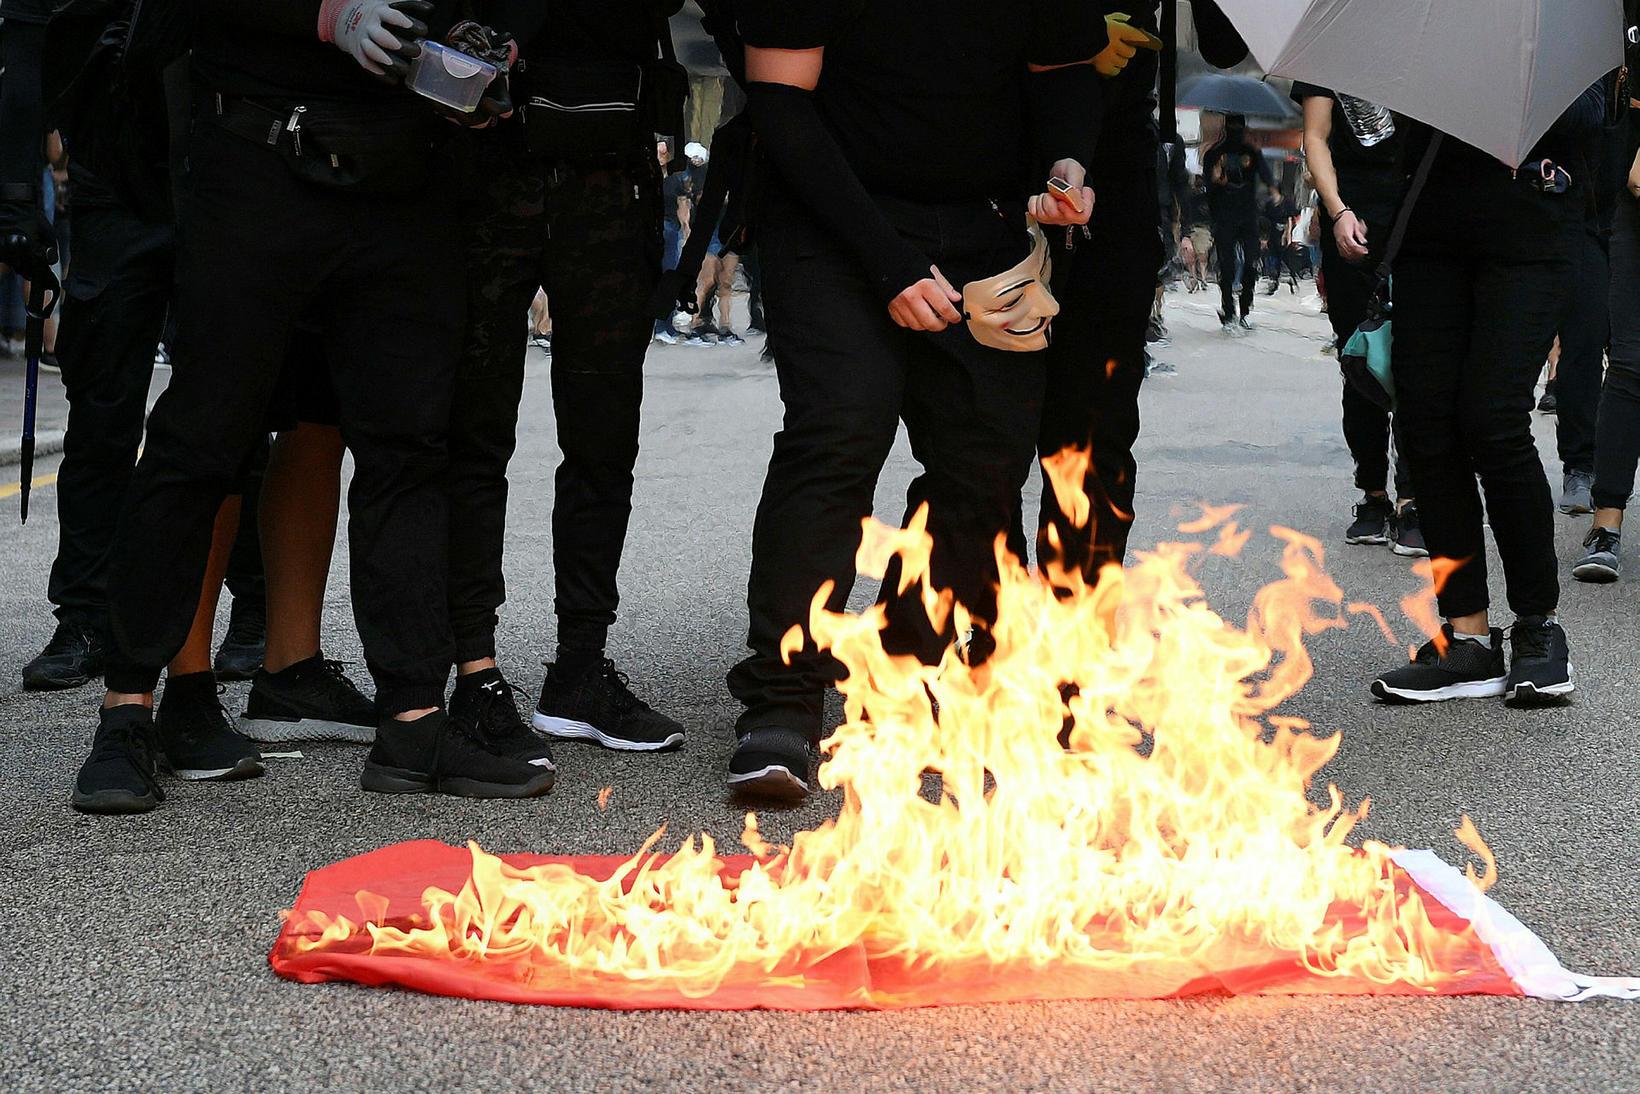 Mótmælendur í Hong Kong brenna kínverska fánann.